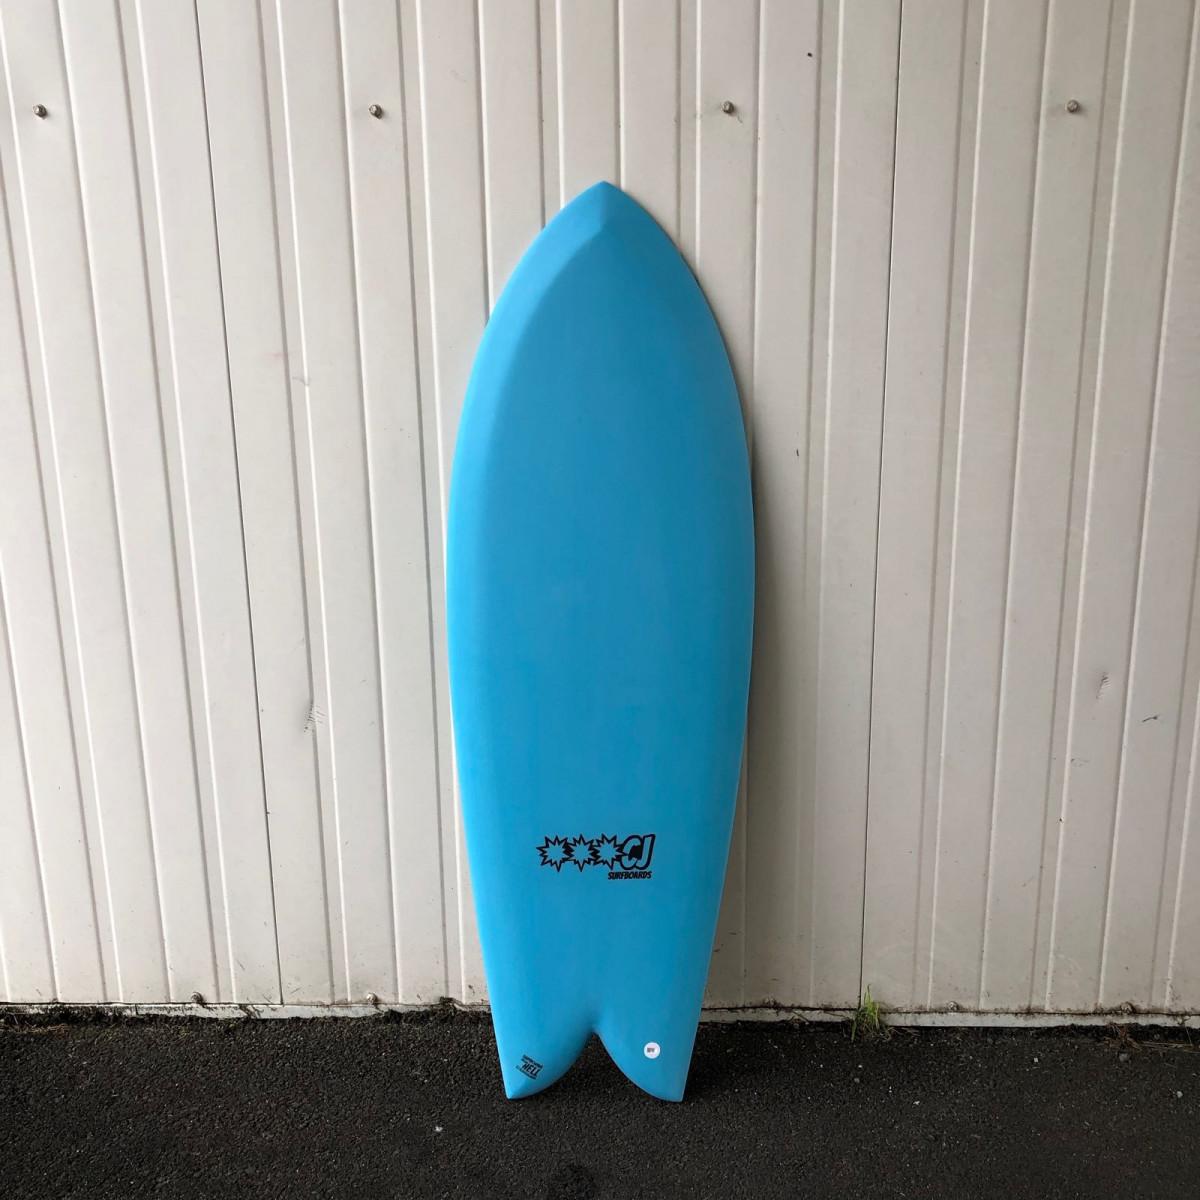 Cj surfboard TWIN double trouble 5'2